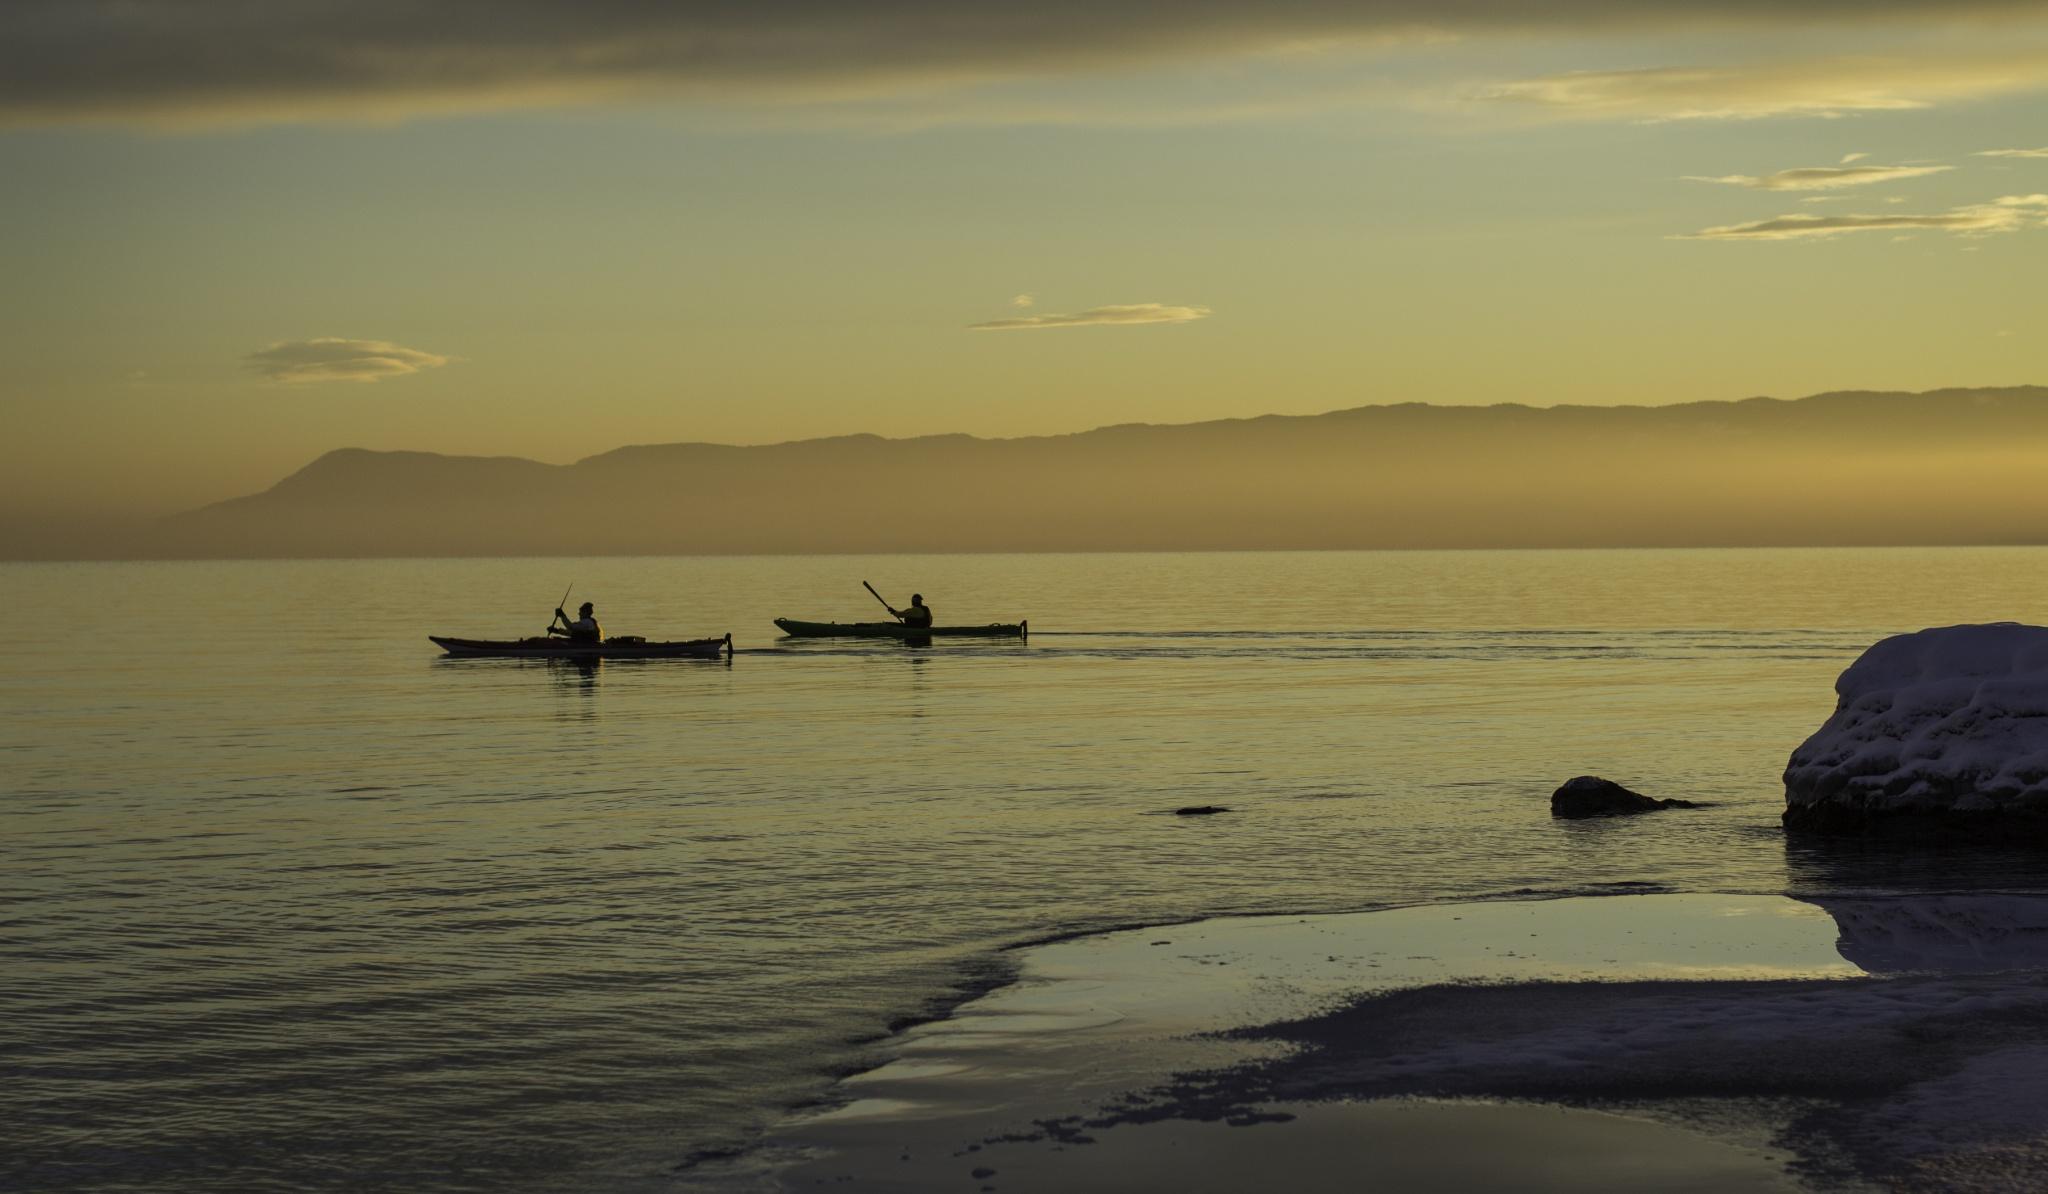 皮划艇摄影美图